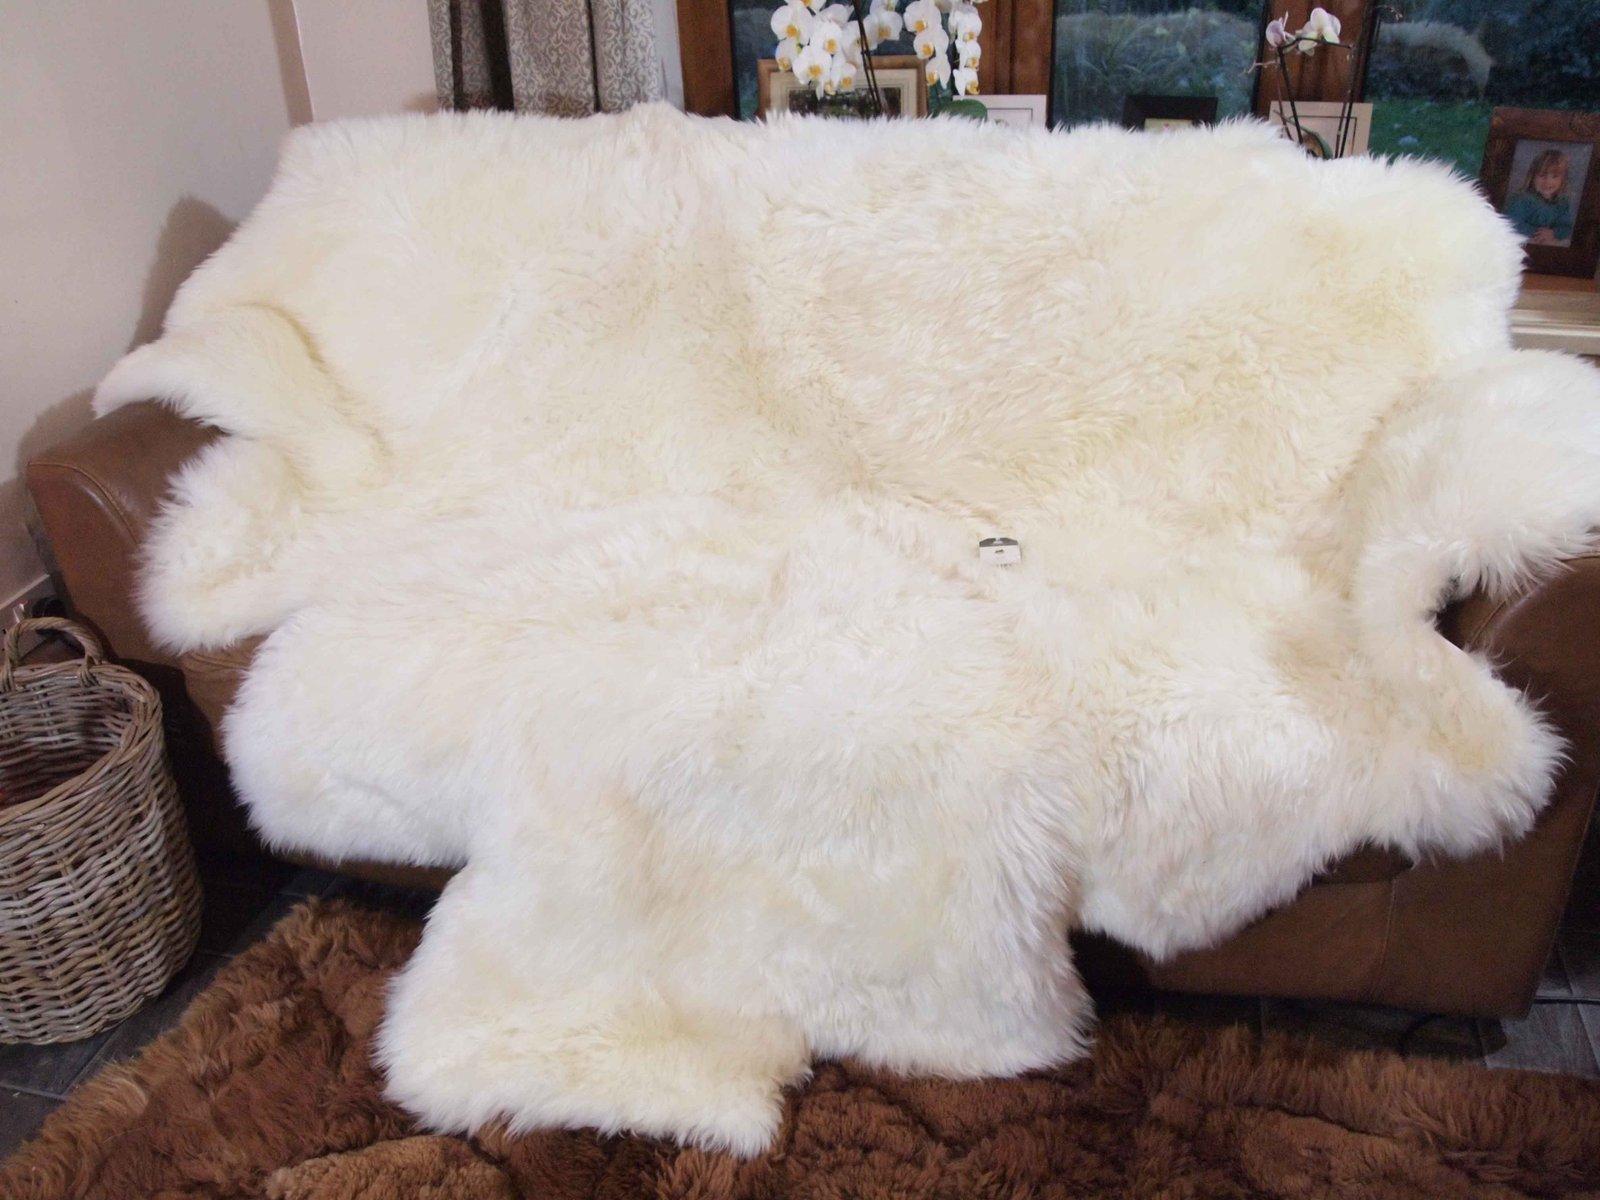 православным накидка из овчины на диван фото устают впечатлений, выхватывают